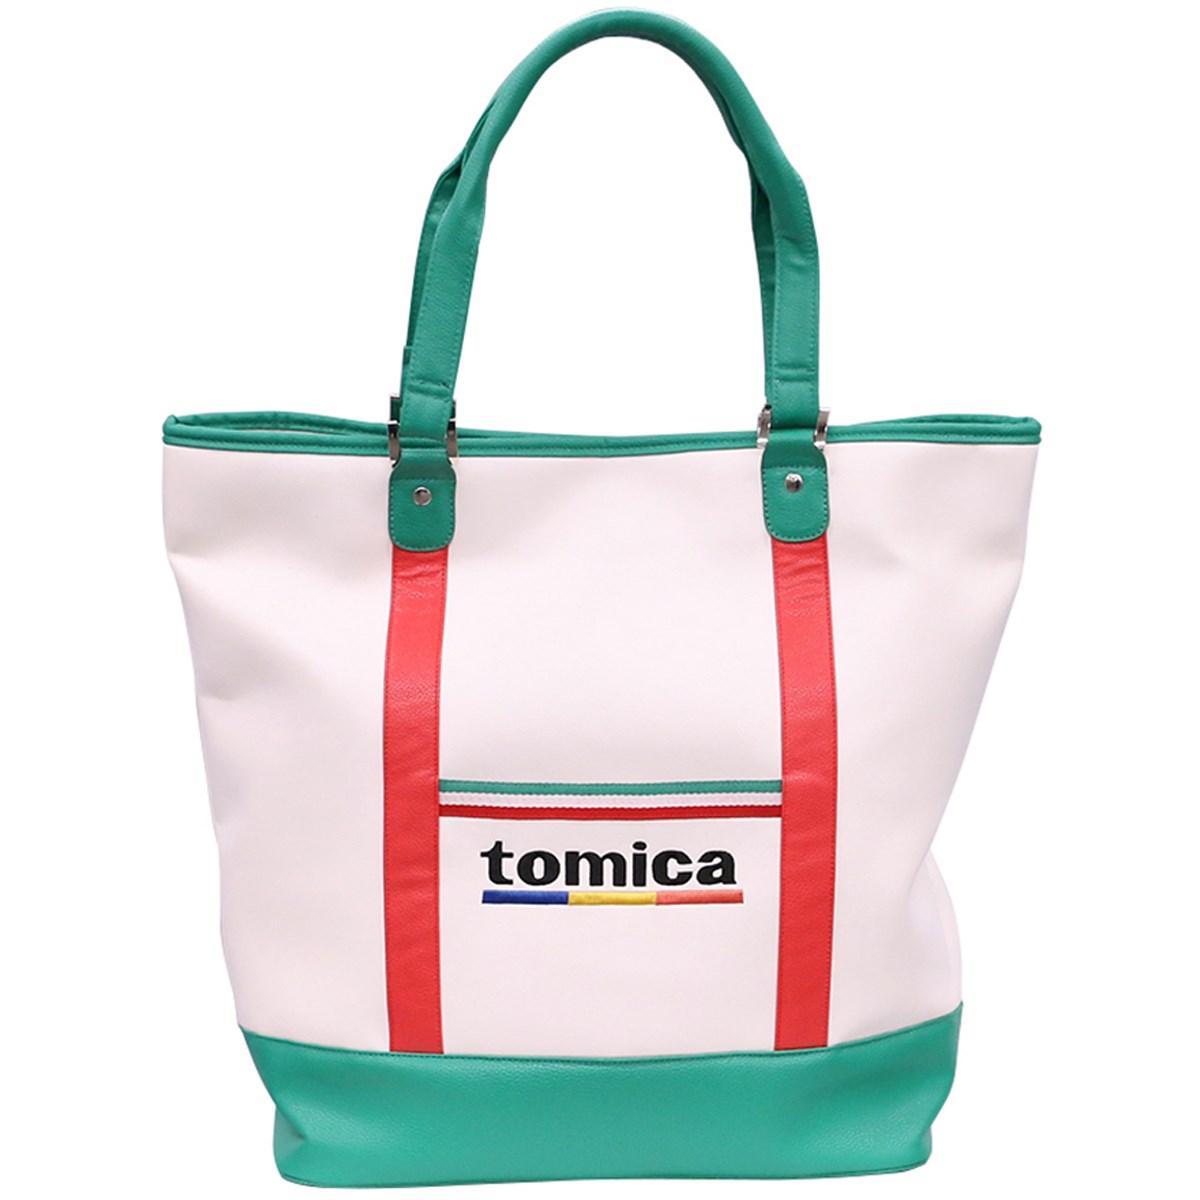 [2018年モデル] ダイヤゴルフ DAIYA GOLF tomica トートバッグ ホワイト メンズ